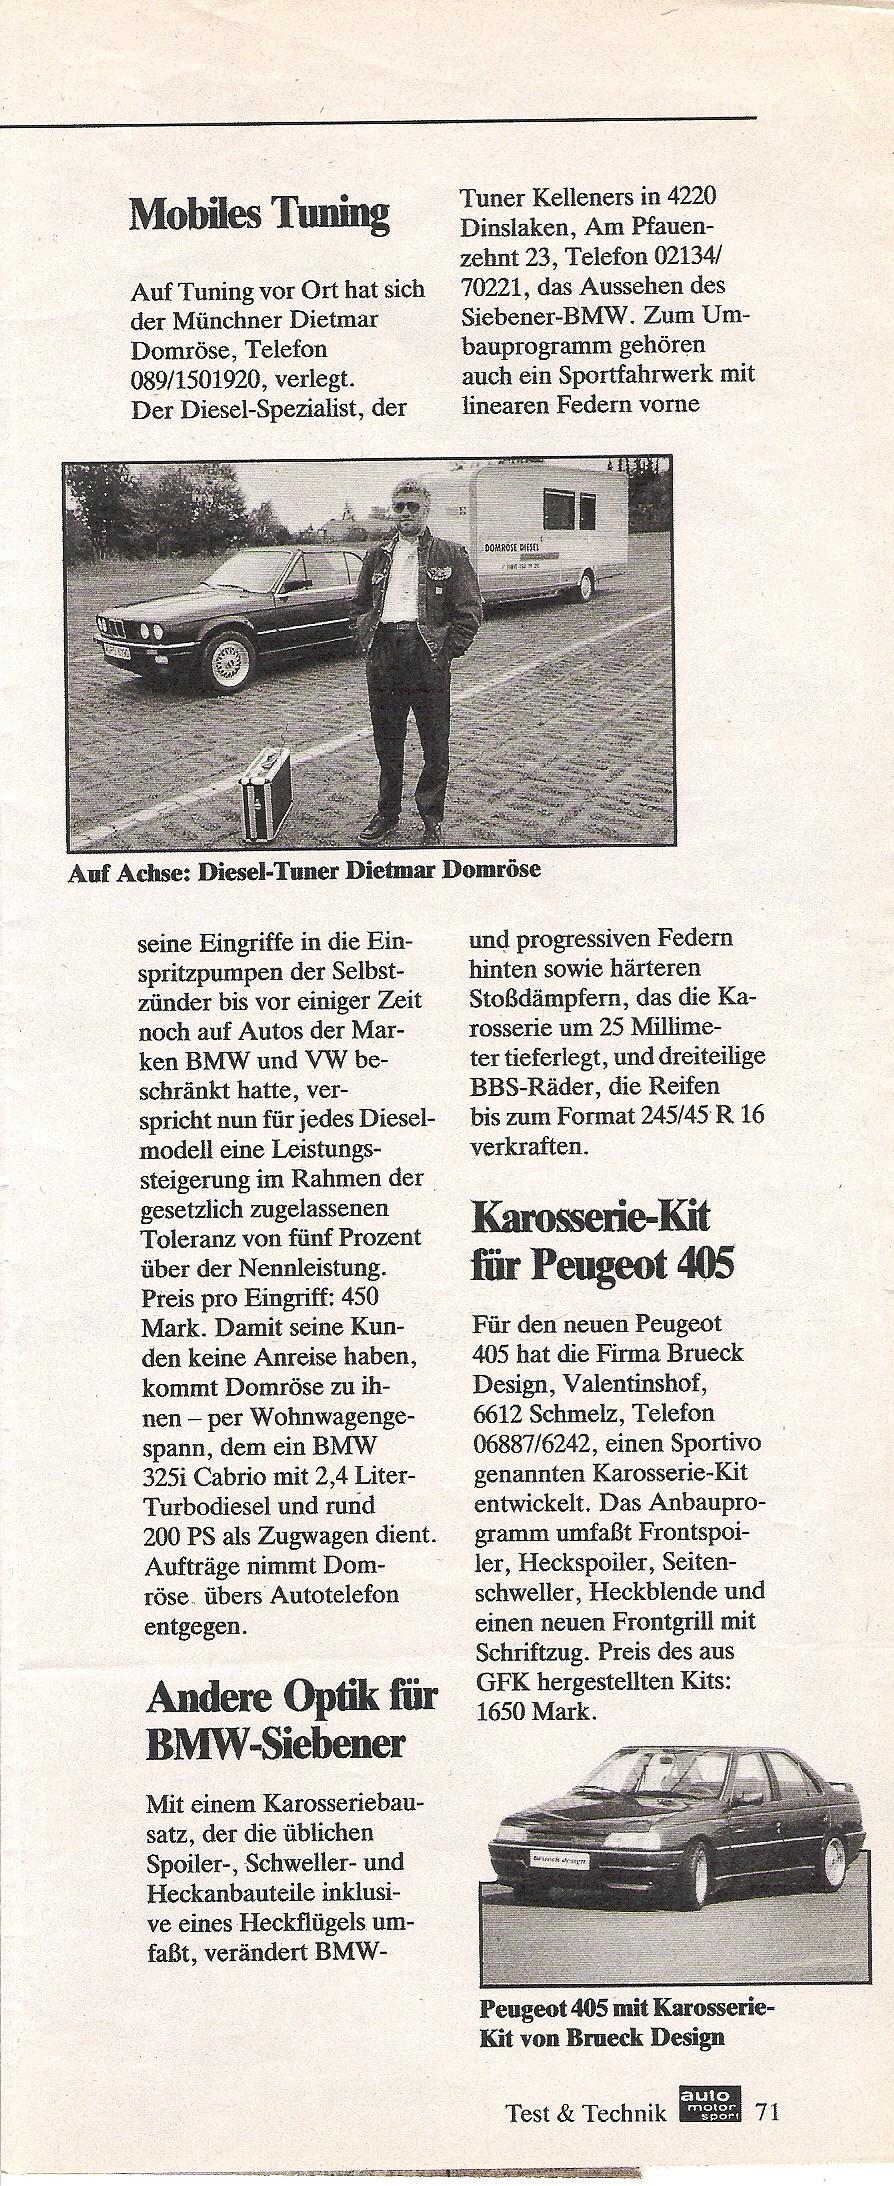 Auto-Motor-und-Sport, Juli 1988